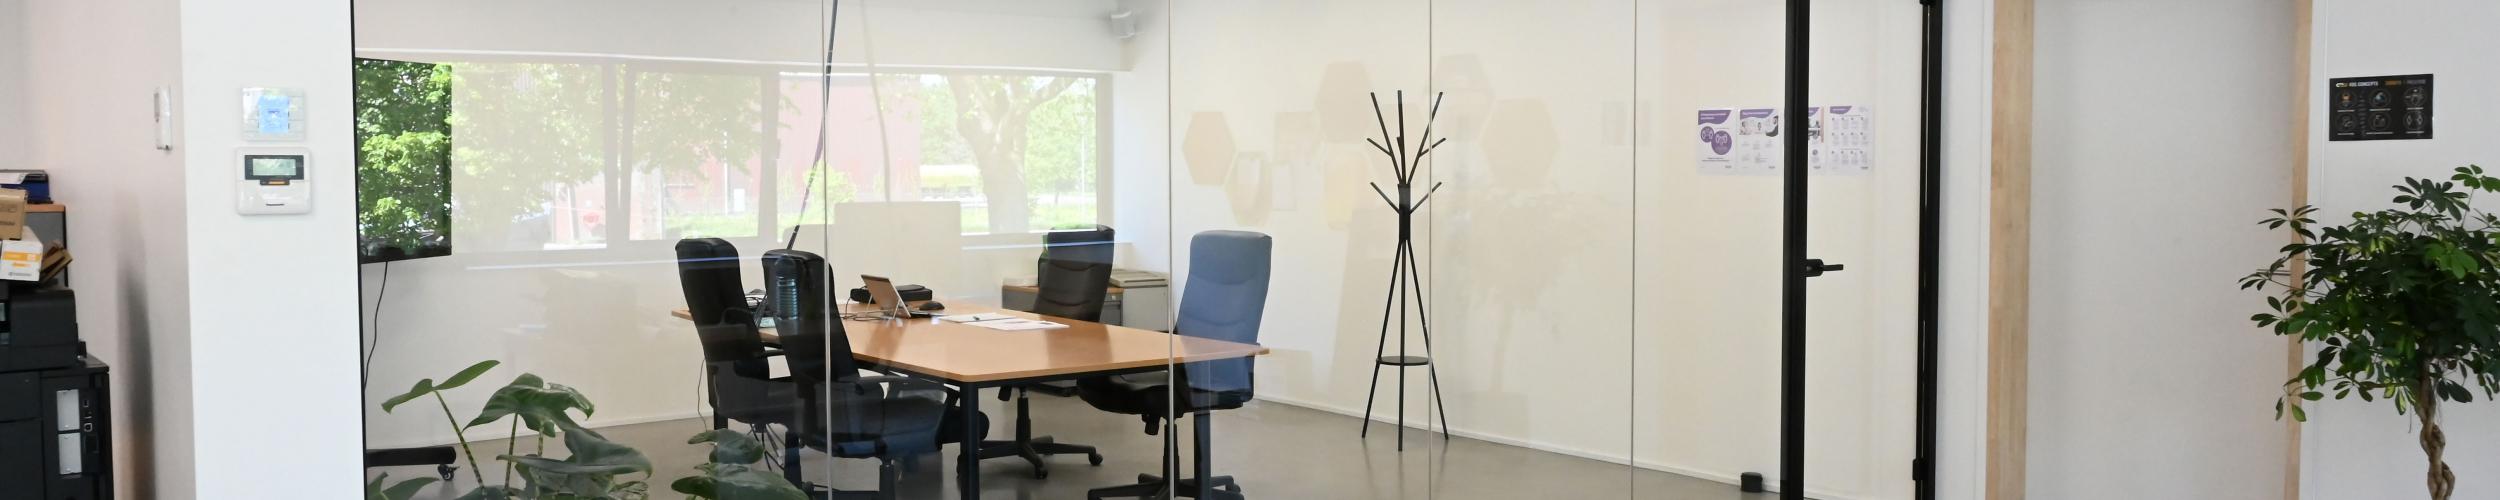 Glasconstrukt zorgde voor een glazen wand in de bureauruimte